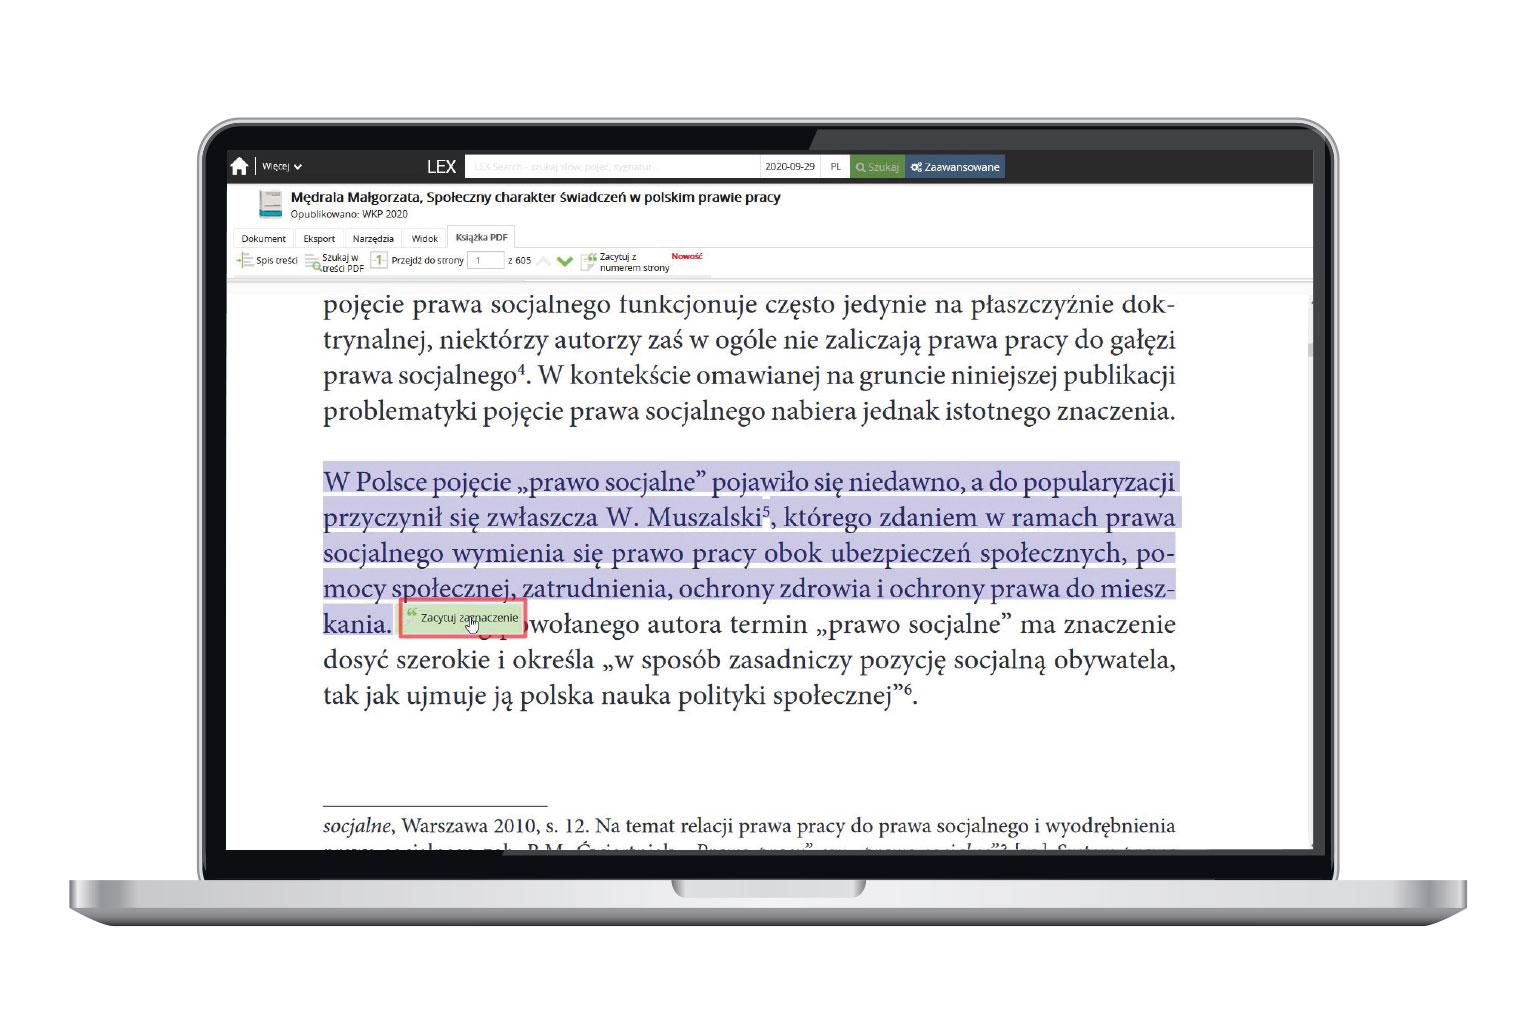 Cytowanie fragmentu publikacji z LEX Context